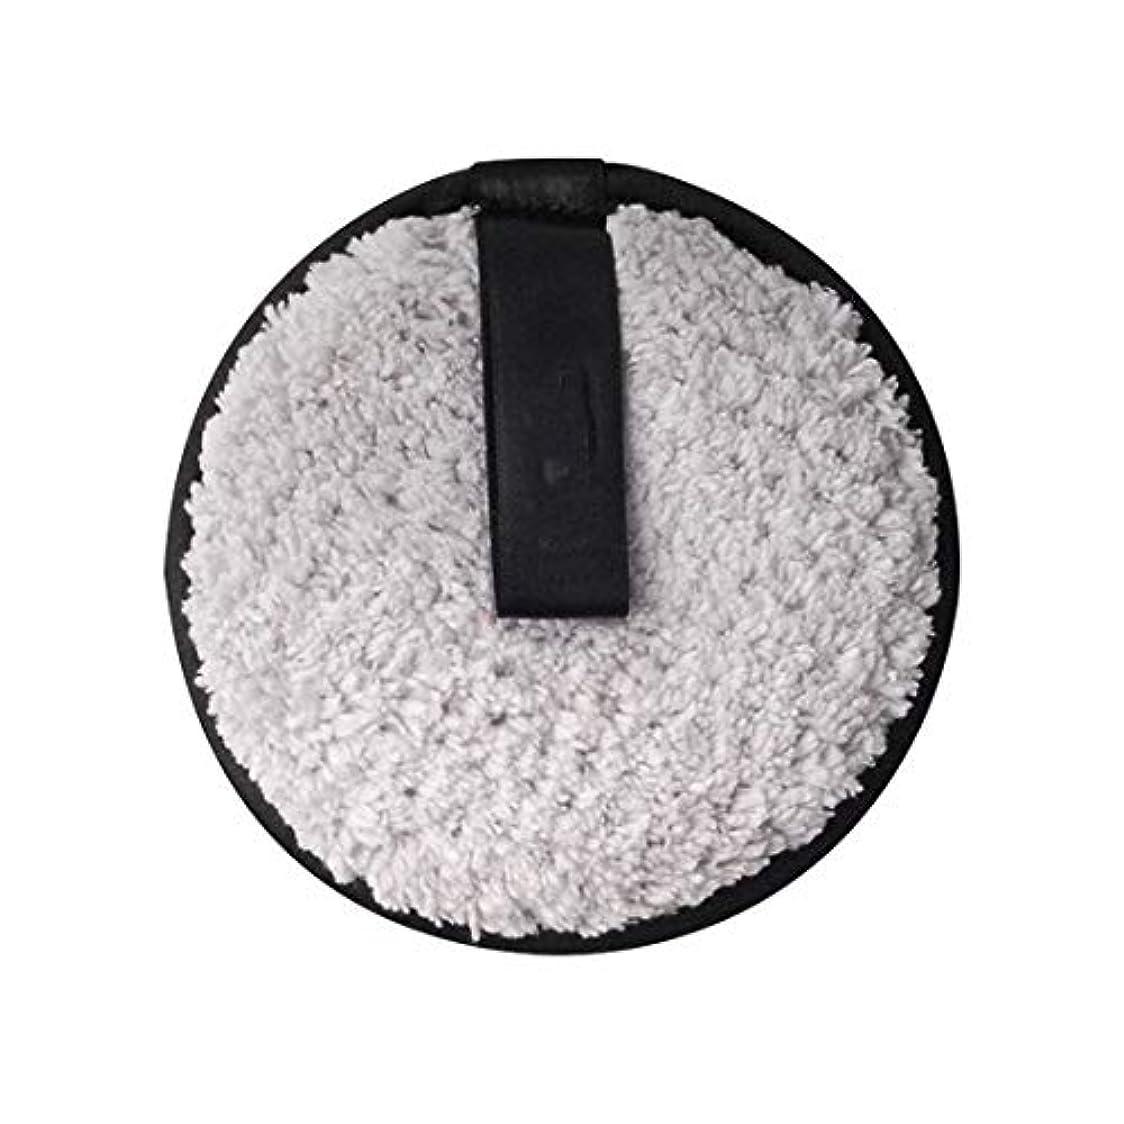 集計競争南極メイク落とし布マジックタオル、再利用可能な洗顔タオル - 化学薬品を含まない、ただ水で化粧をすぐに落とす(6PCS),Gray